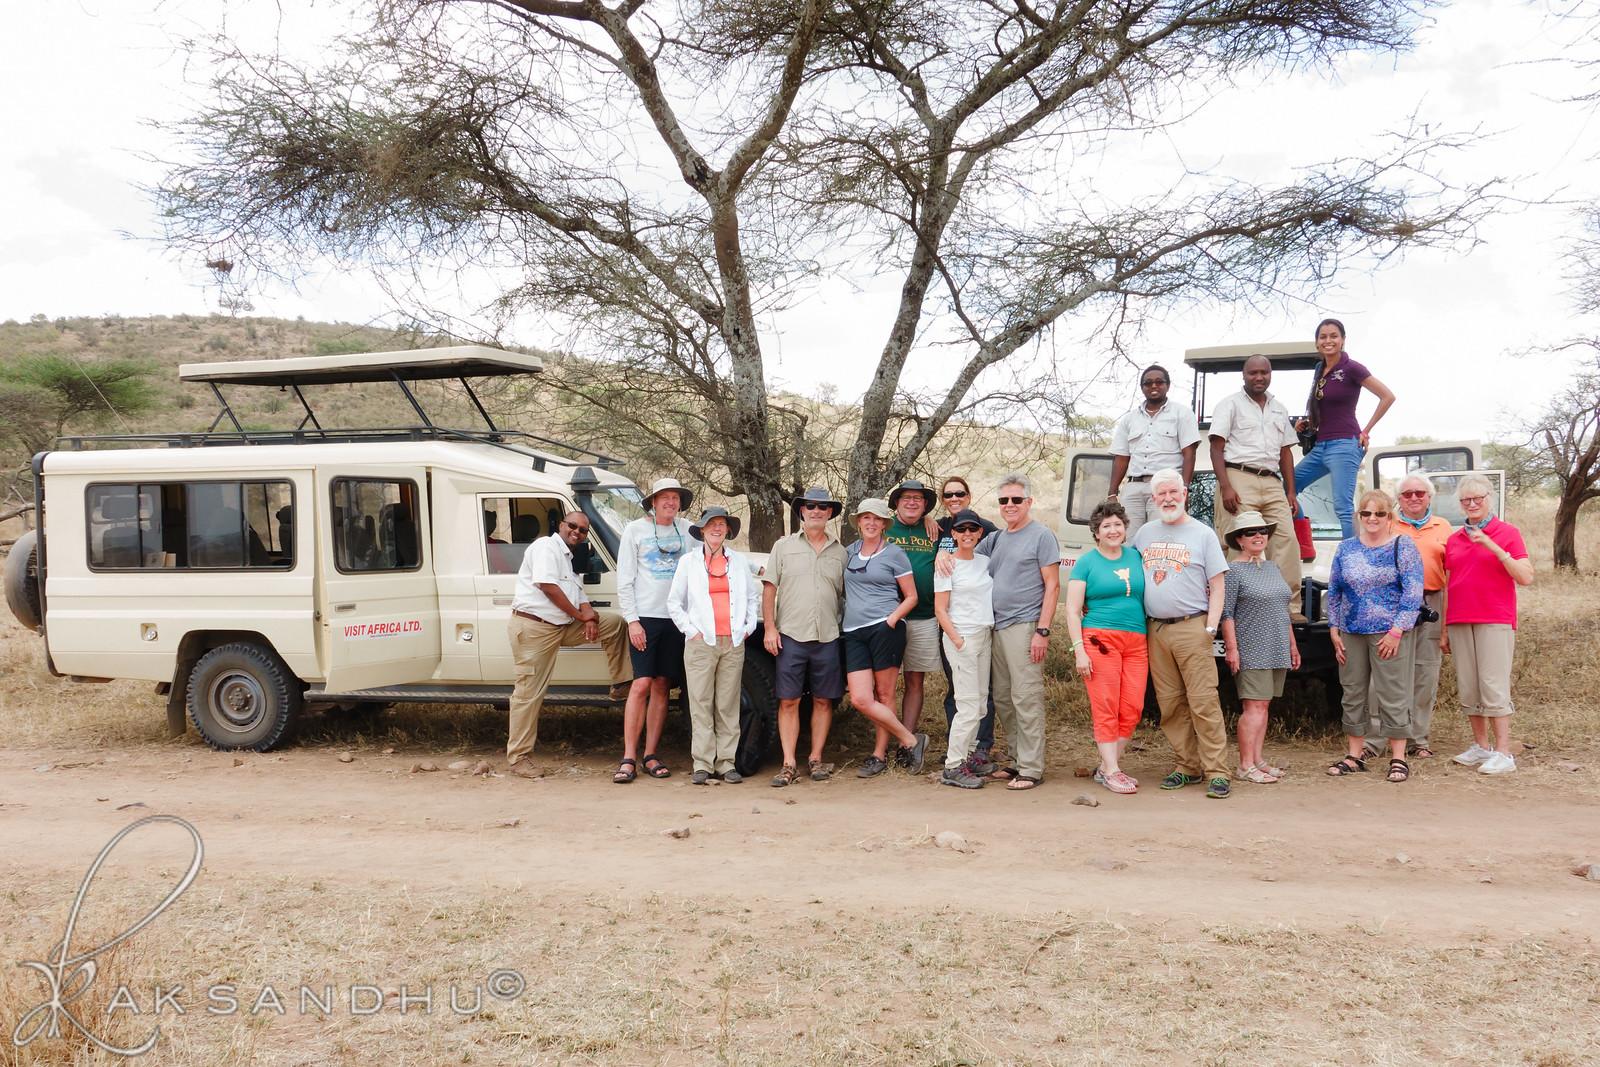 SafariTroop-075